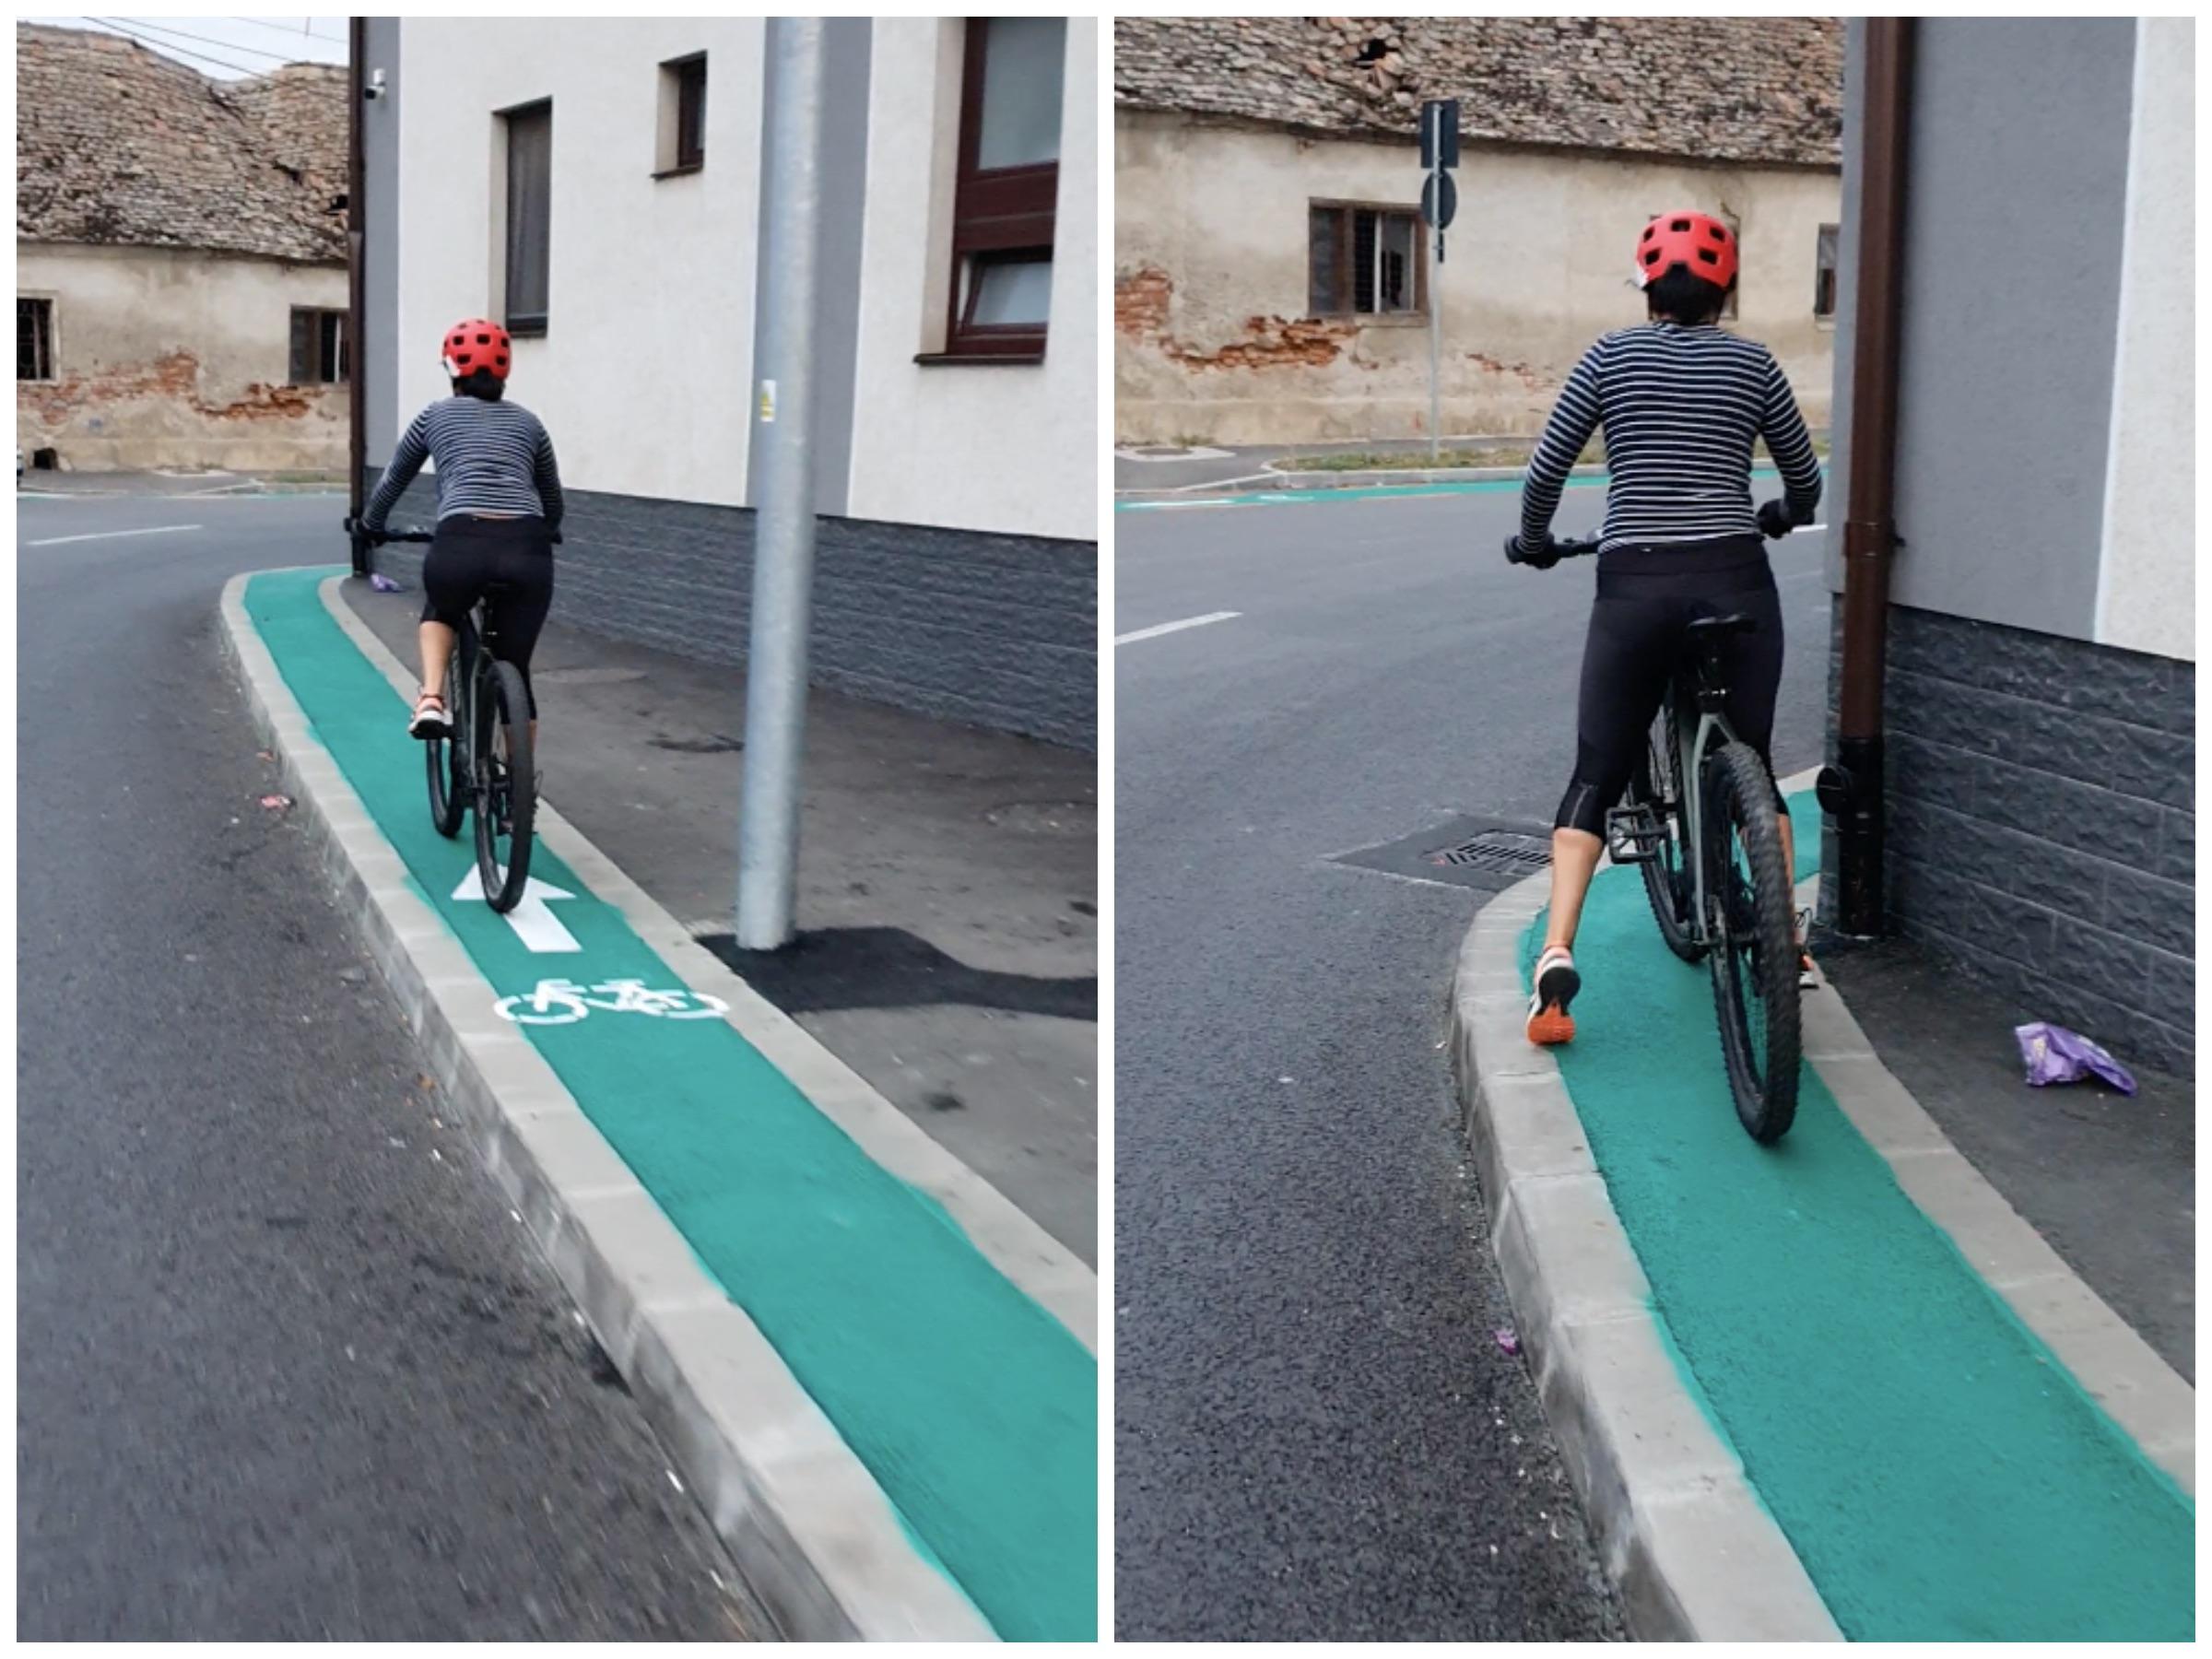 """VIDEO Primăria, drept la replică despre noul trotuar/pistă de biciclete de 90 de cm: """"atât a permis lățimea"""""""